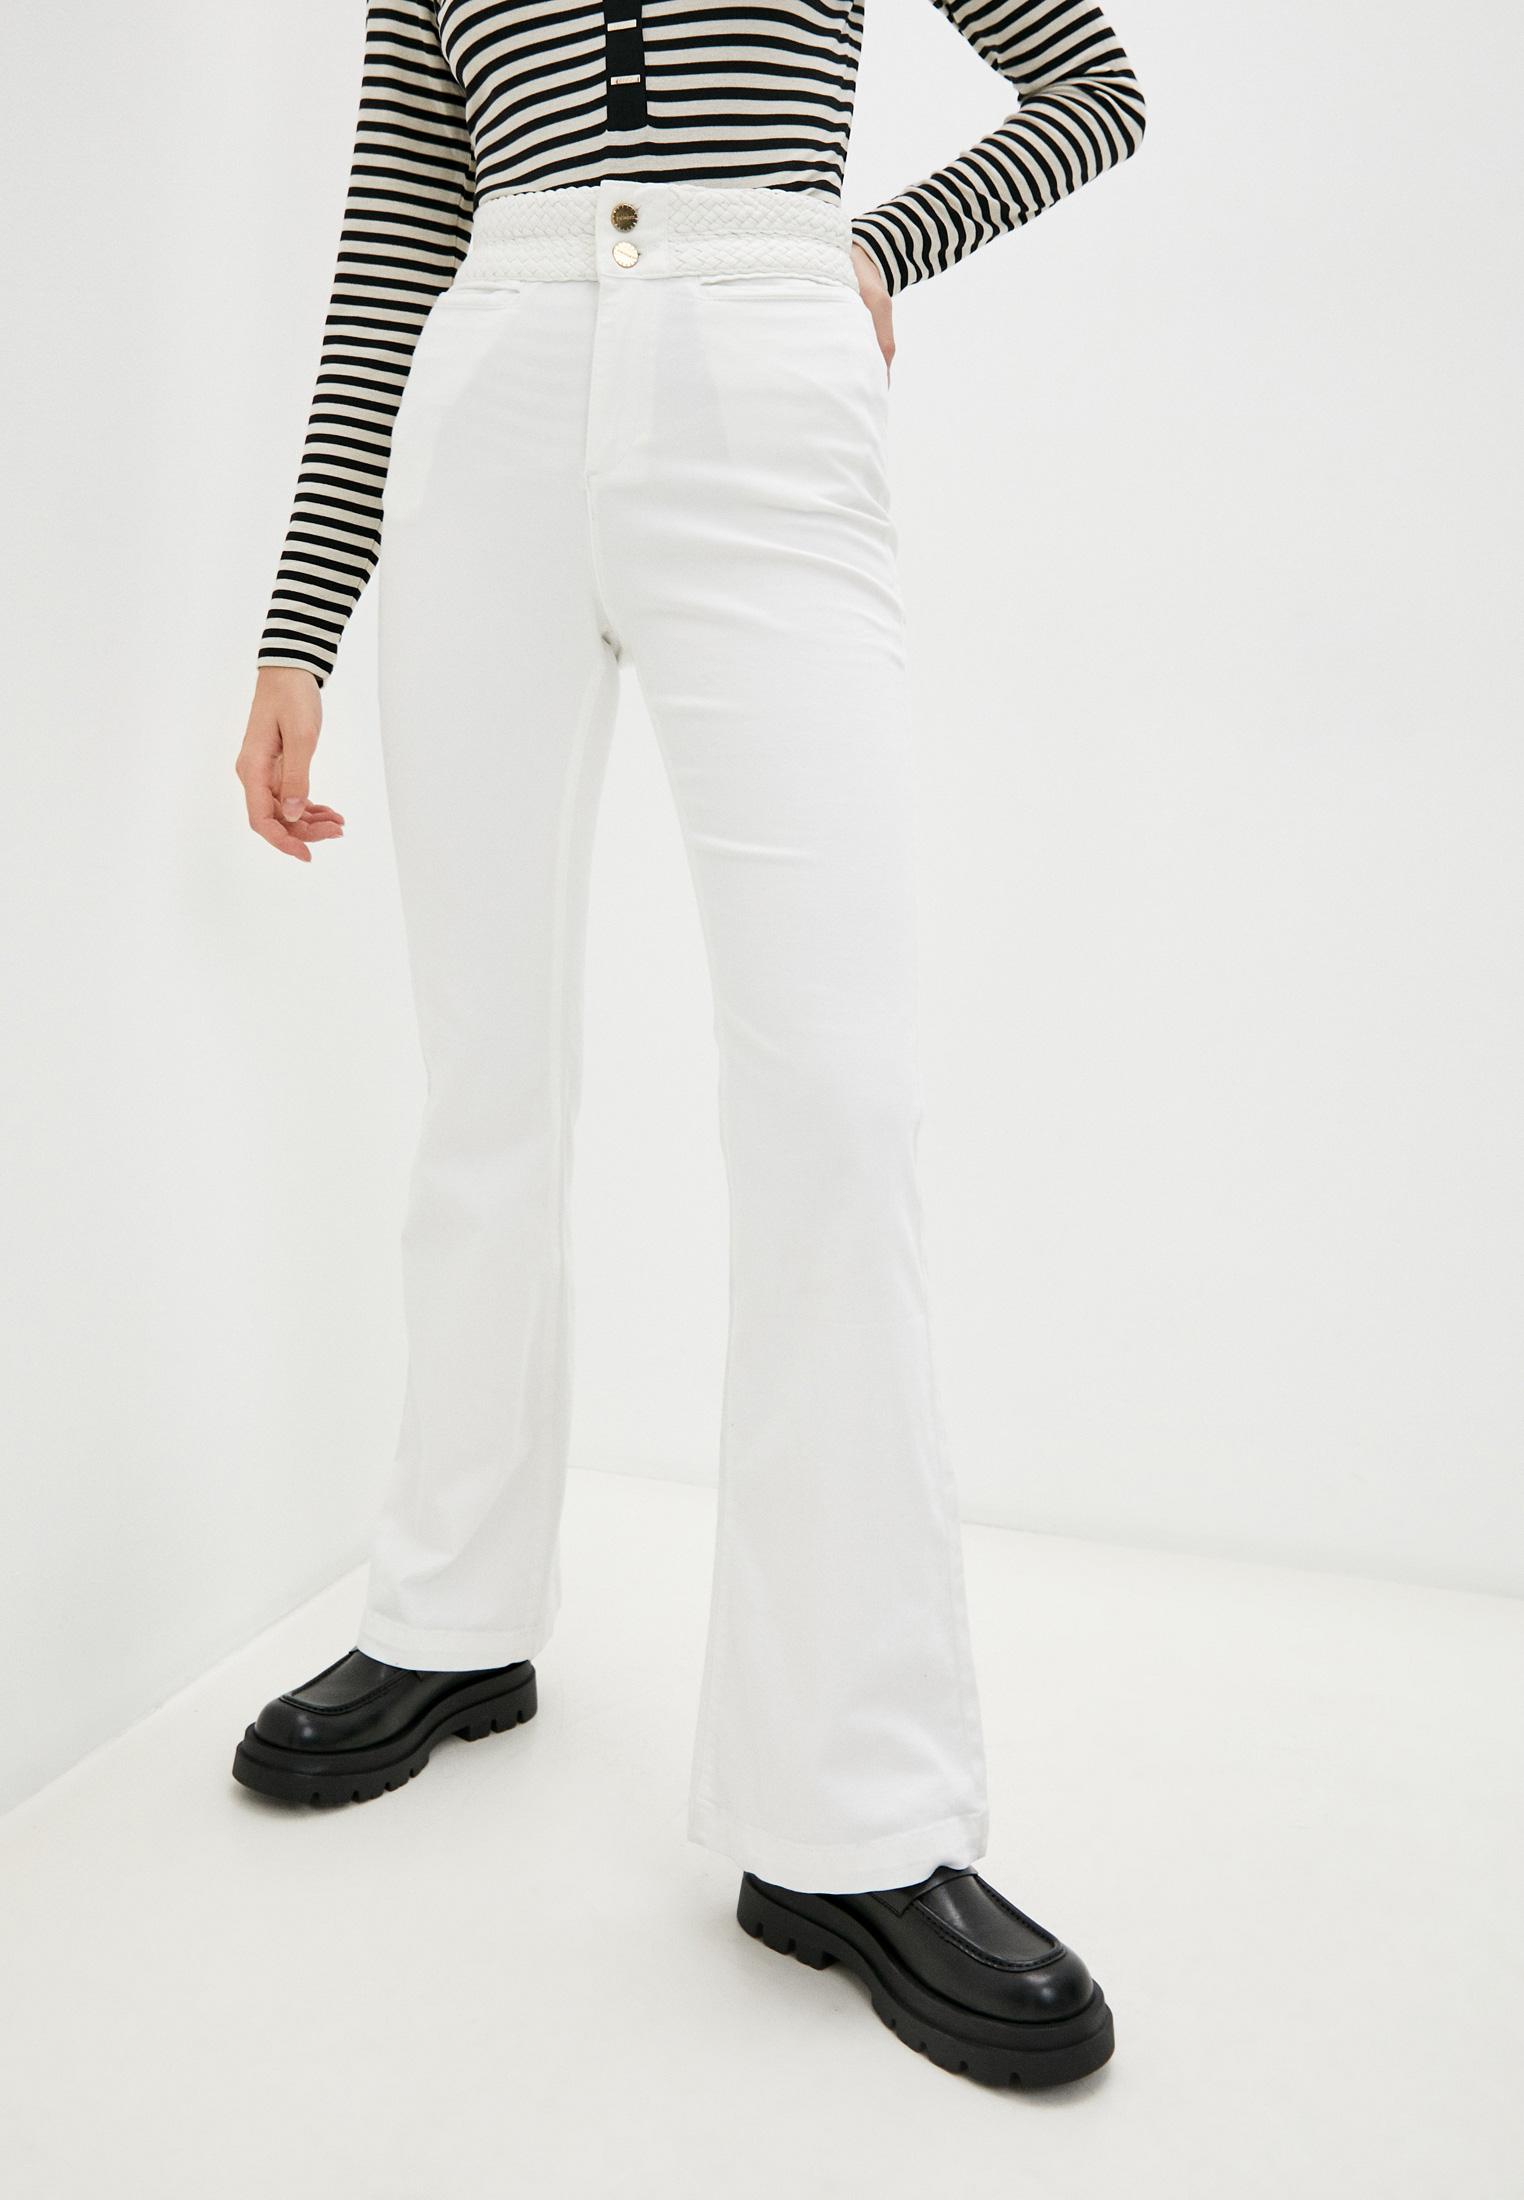 Широкие и расклешенные джинсы Twinset Milano Джинсы Twinset Milano